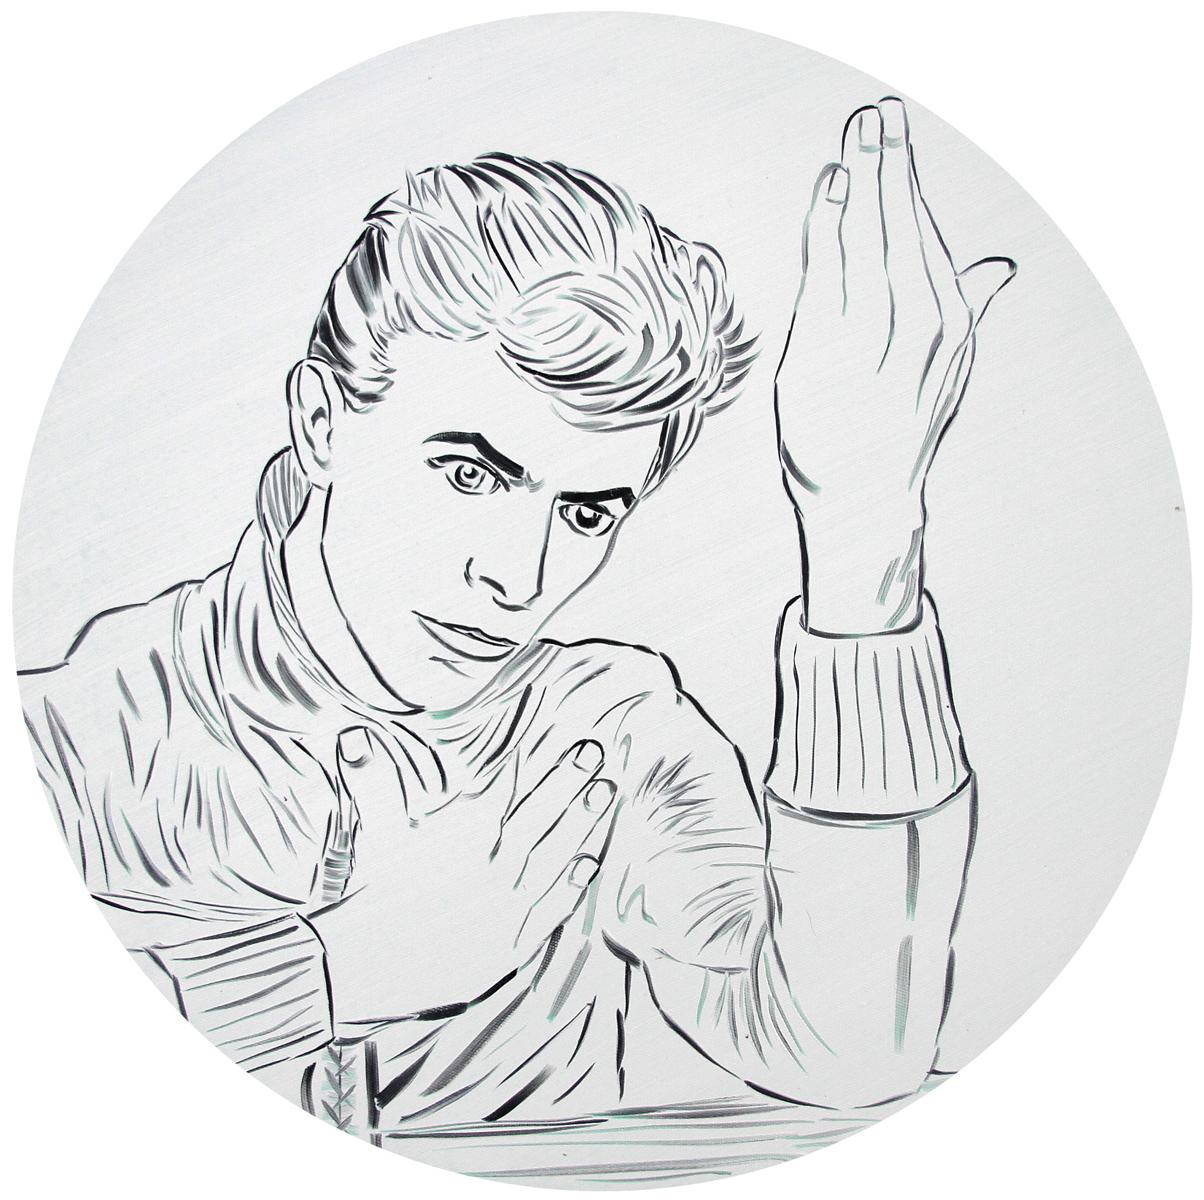 David's Hands